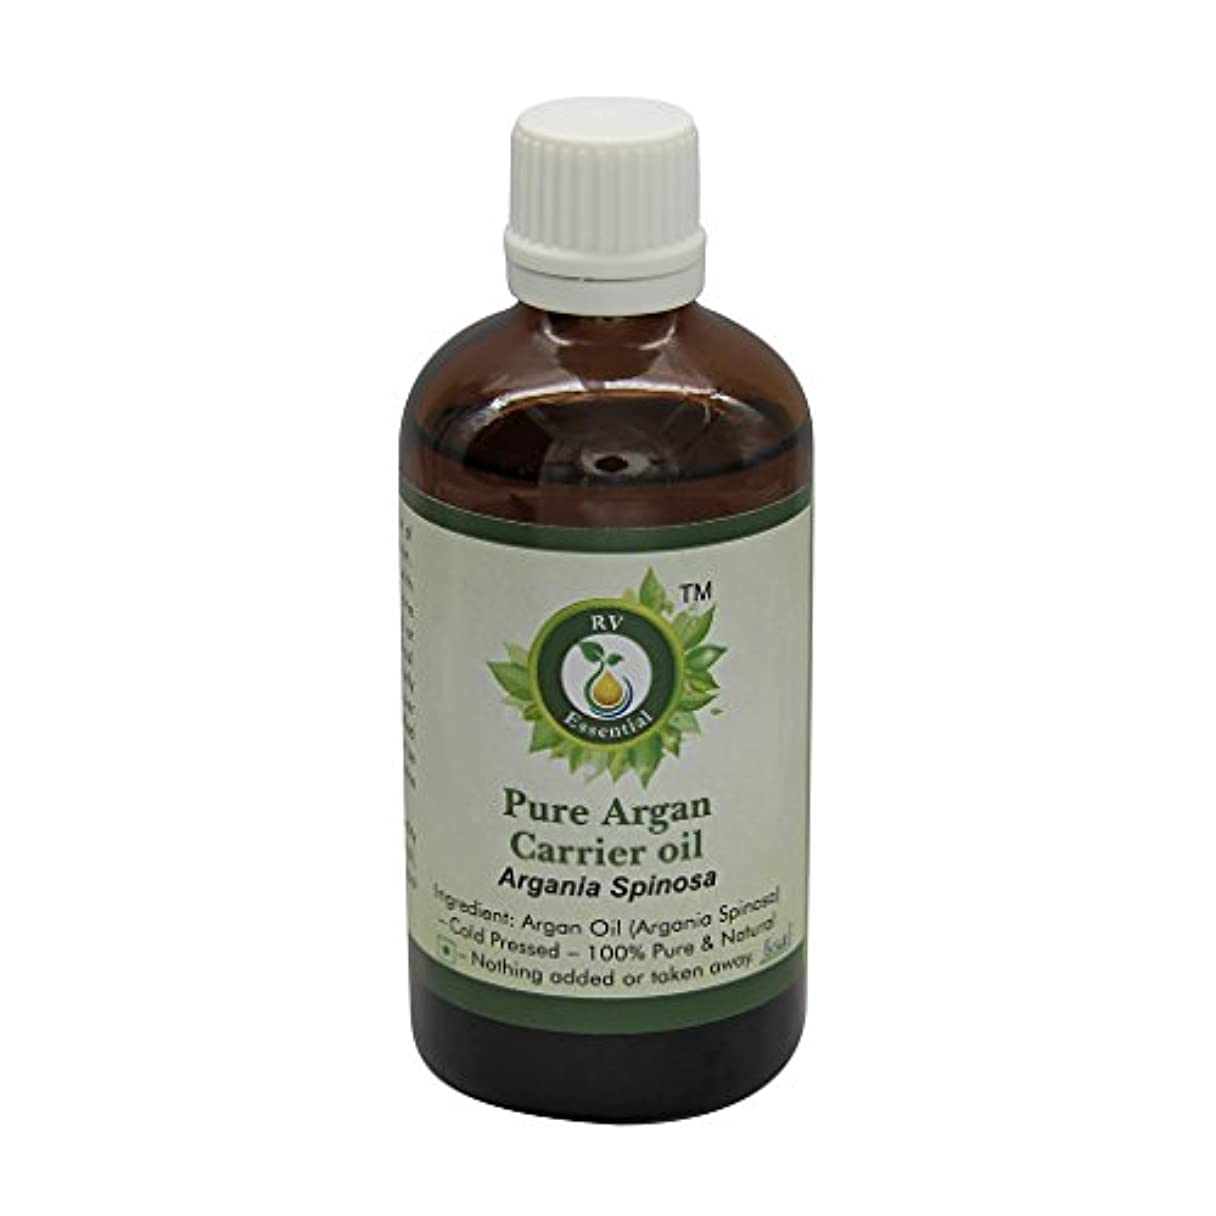 アドバイス明示的にビヨンR V Essential ピュアアルガンキャリアオイル100ml (3.38oz)- Argania Spinosa (100%ピュア&ナチュラルコールドPressed) Pure Argan Carrier Oil